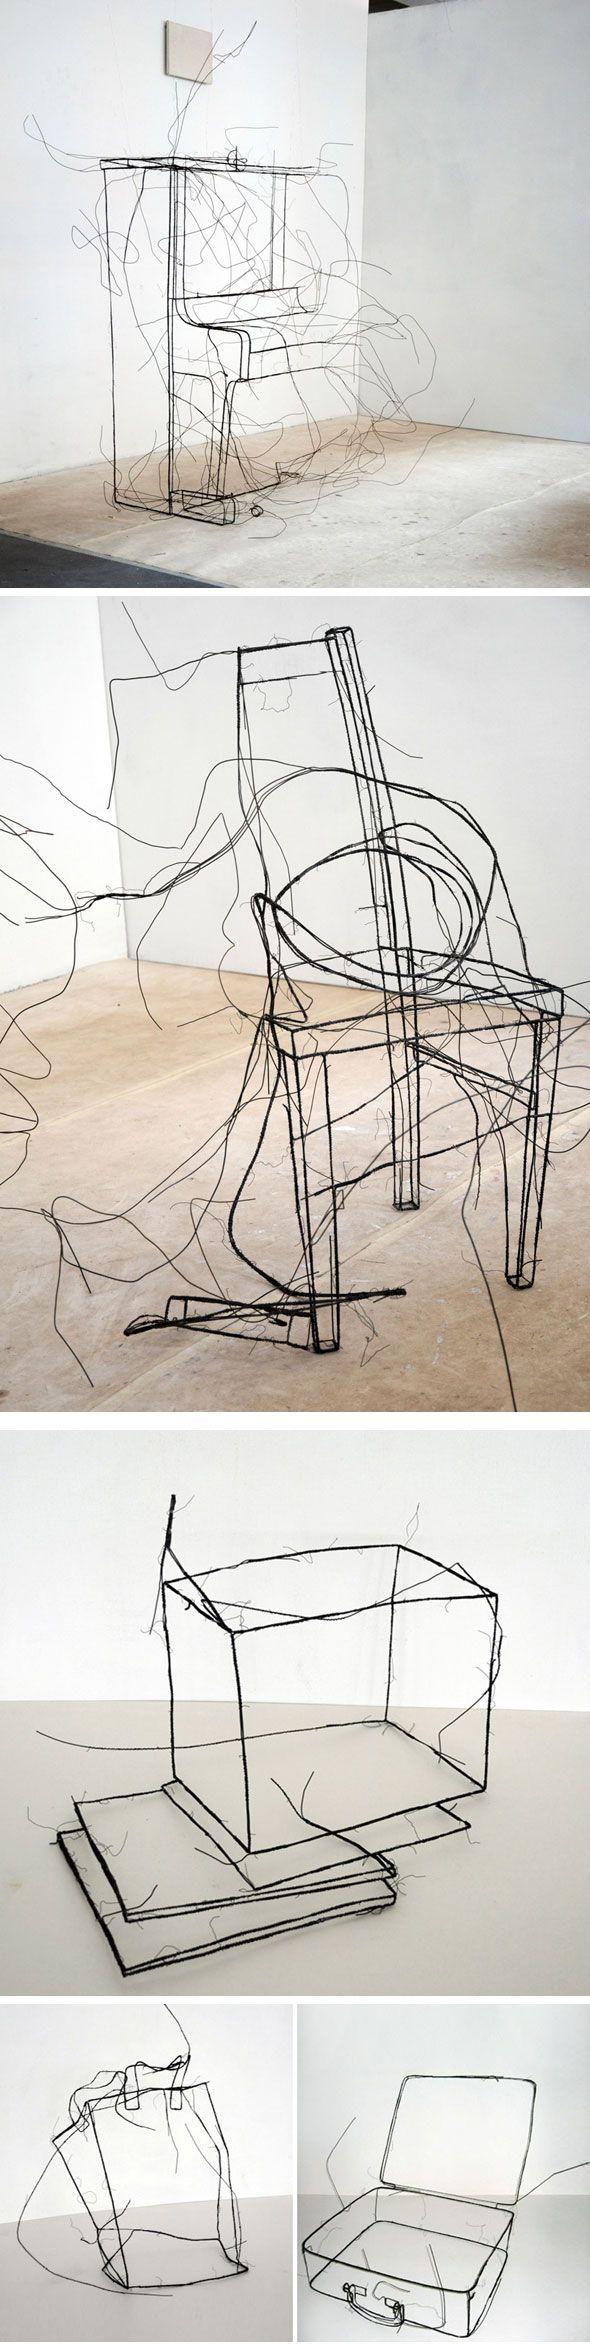 Sculptures en fil de fer par Fritz Panzer  Un peu de légèreté dans ce monde de brut    L'artiste autrichien Fritz Panzer présentera ses sculptures de fils de fer lors de l'exposition « doubles » à la galerie Alberta Pane à Paris. Son travail fait référence aux dessins de contour et aux dessins gestuels, créant le volume d'un objet par son contour. On dirait une esquisse au crayon, effectuée à même le sol et le mur.